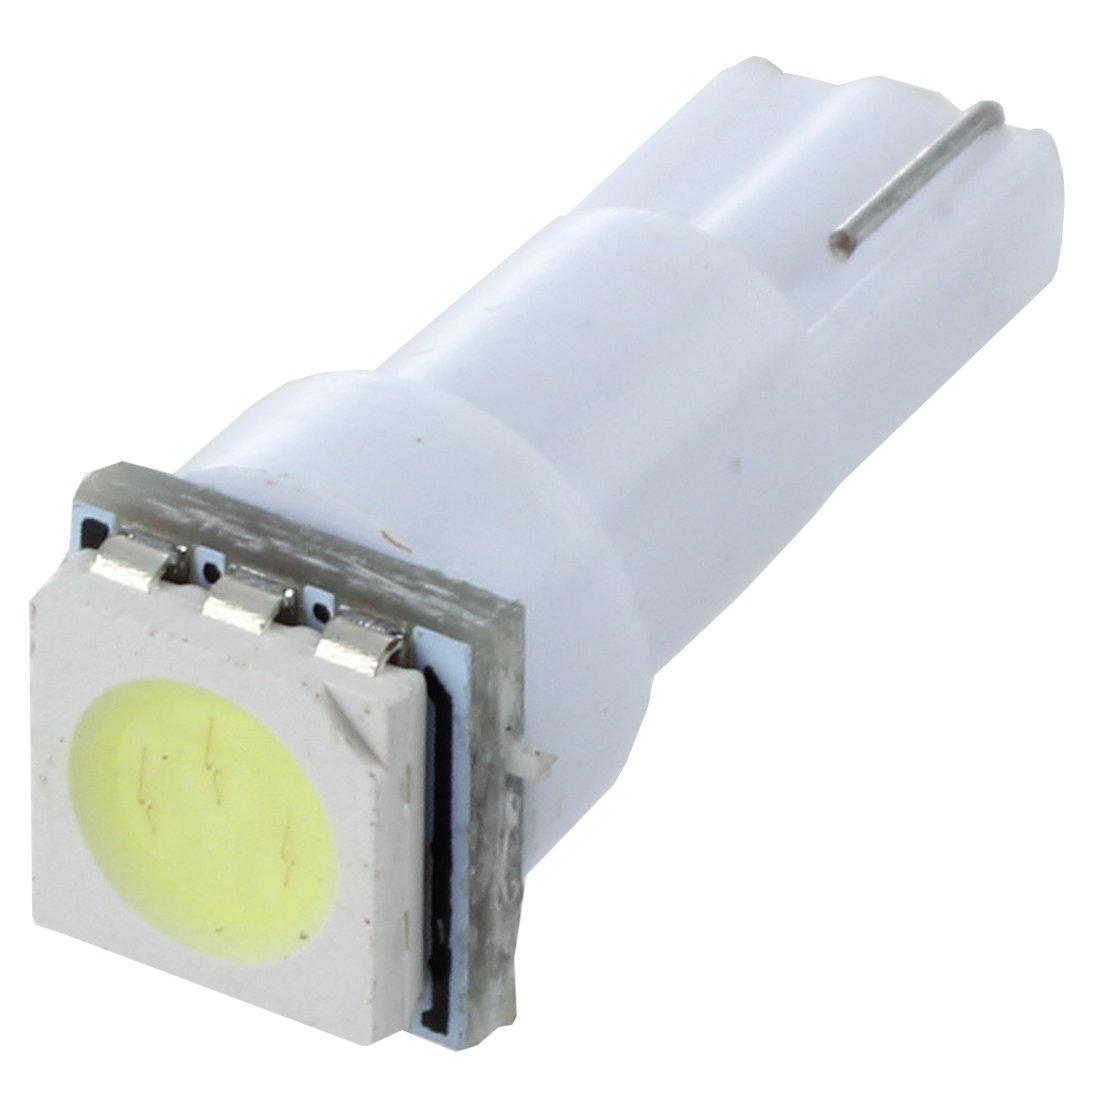 TOOGOO(R) 10x Ampoule T5 Led Smd Blanc Pour Compteur Tableau De Bord Dc12v Lampe Tuning Lumiere Voiture Feux SODIAL(R)